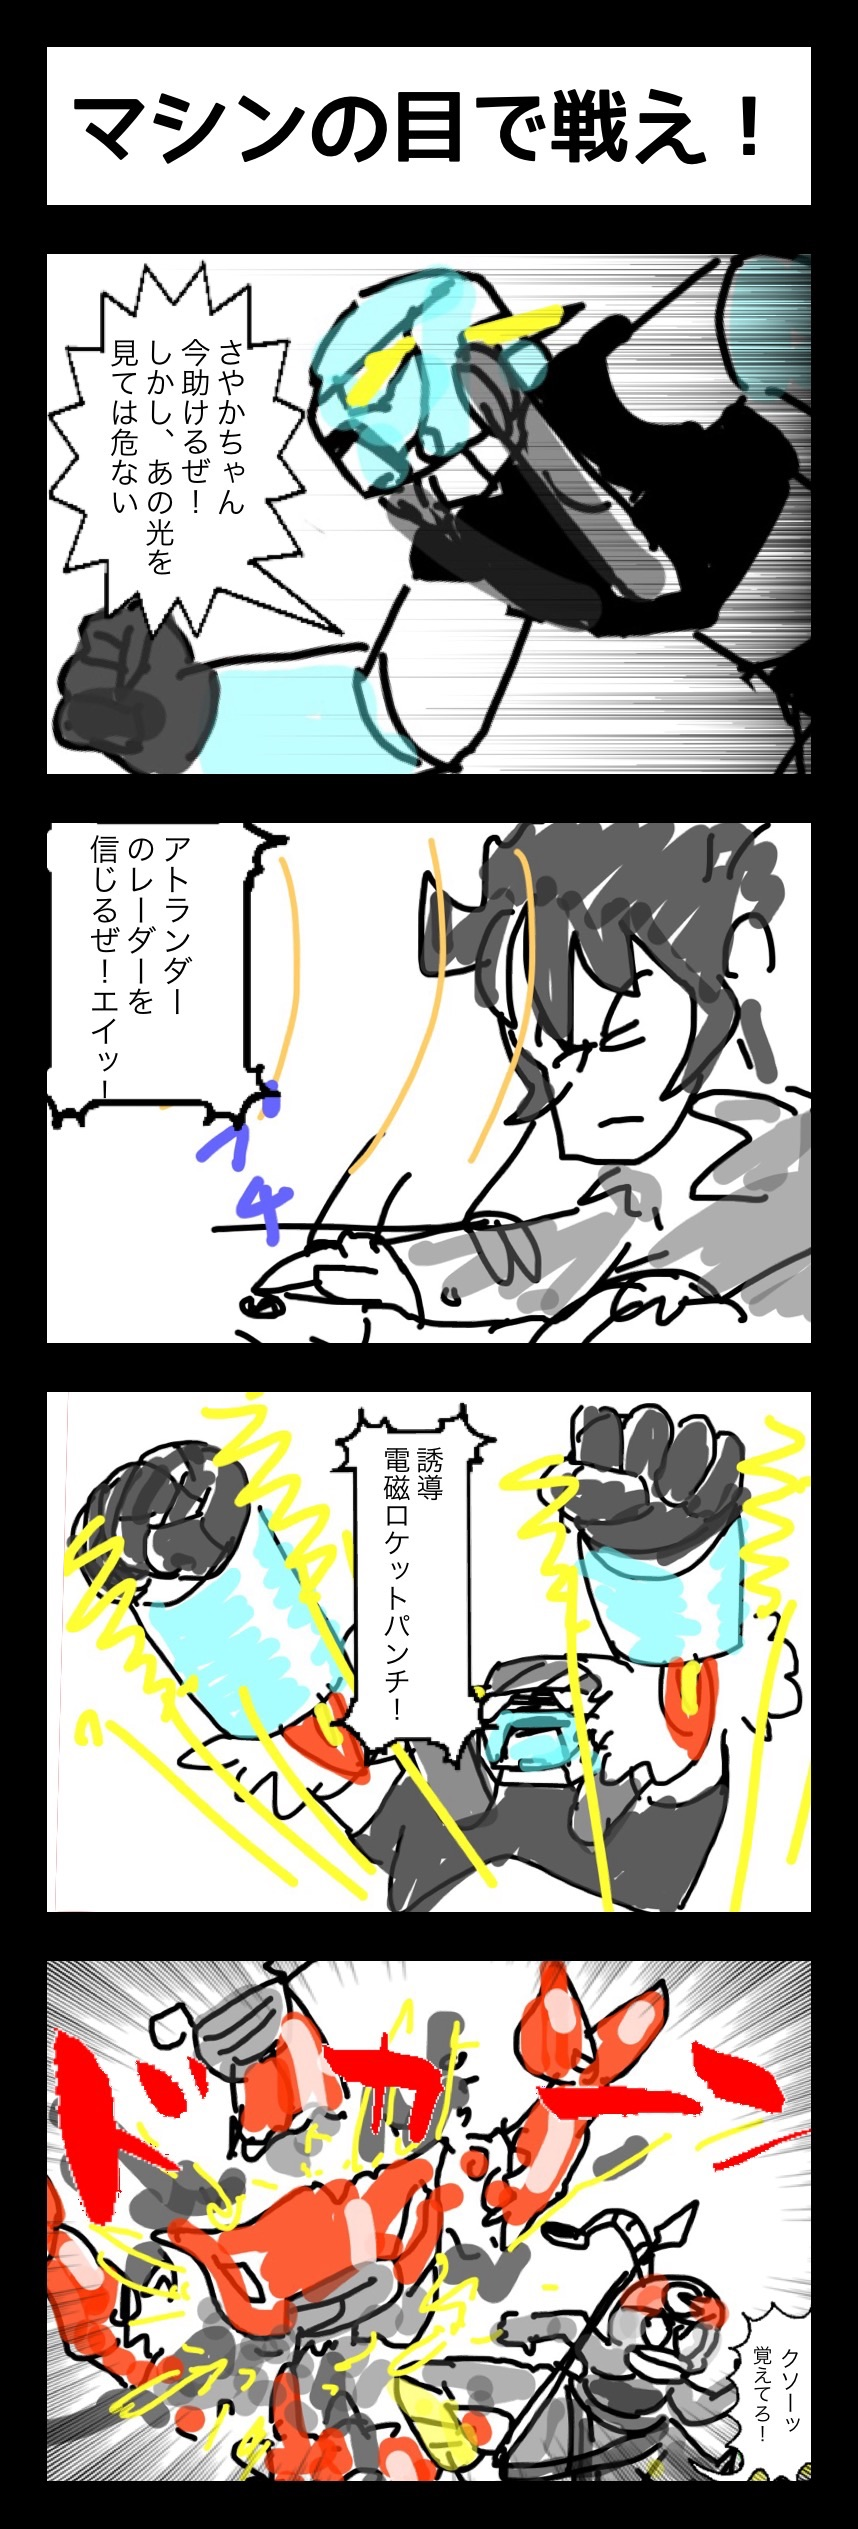 連載4コマ漫画 アトランダーV 22話